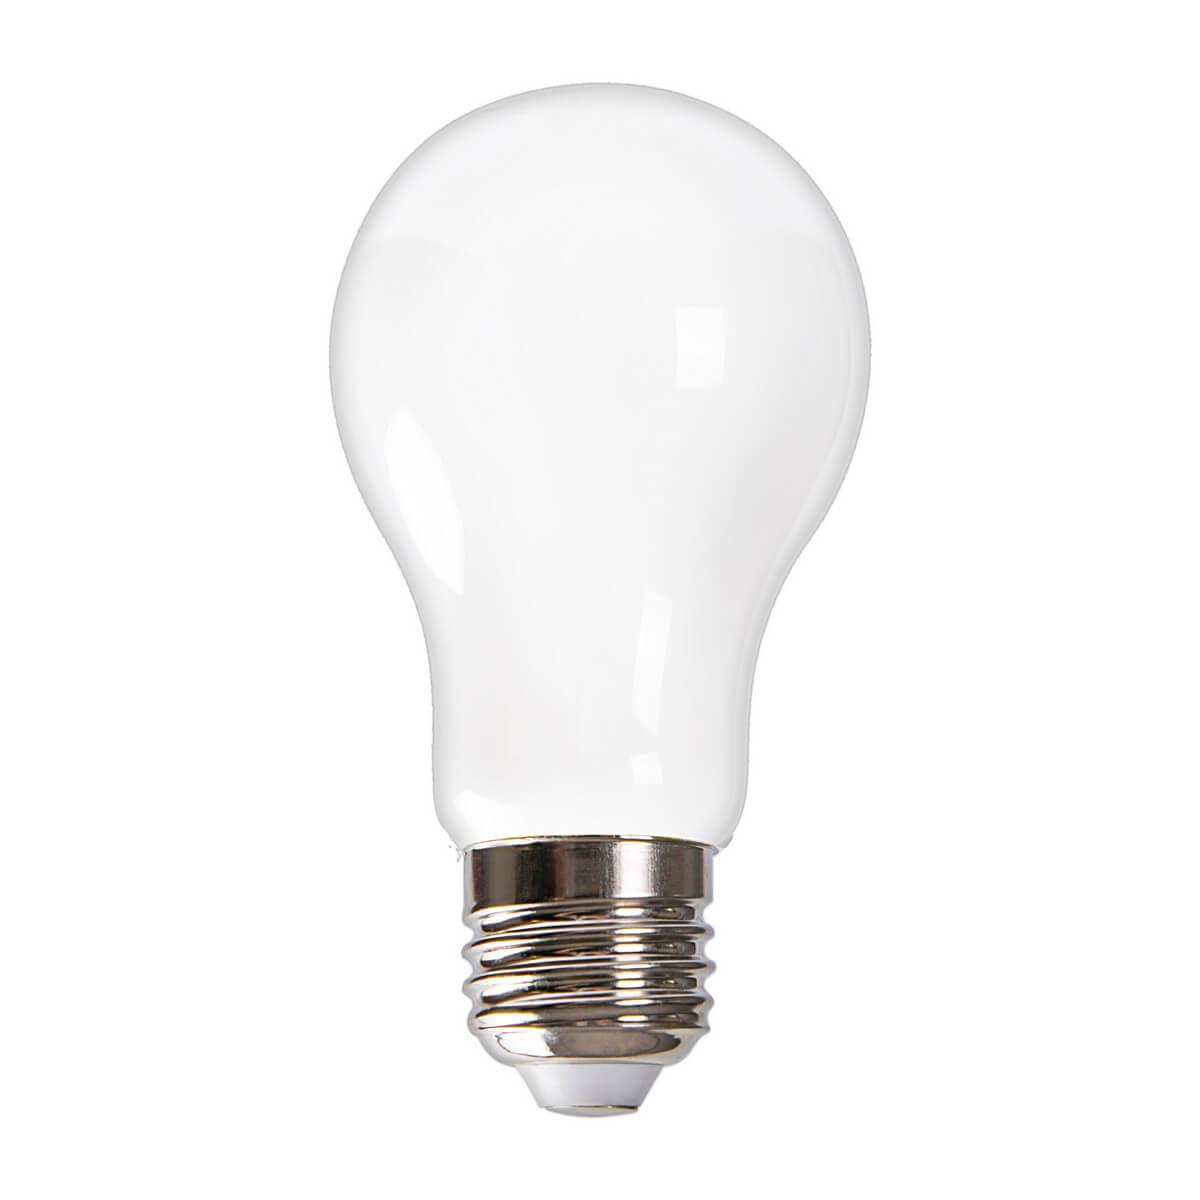 цена Лампочка Volpe LED-A60-9W/3000K/E27/FR GLH01WH Heaven LED-A60 онлайн в 2017 году